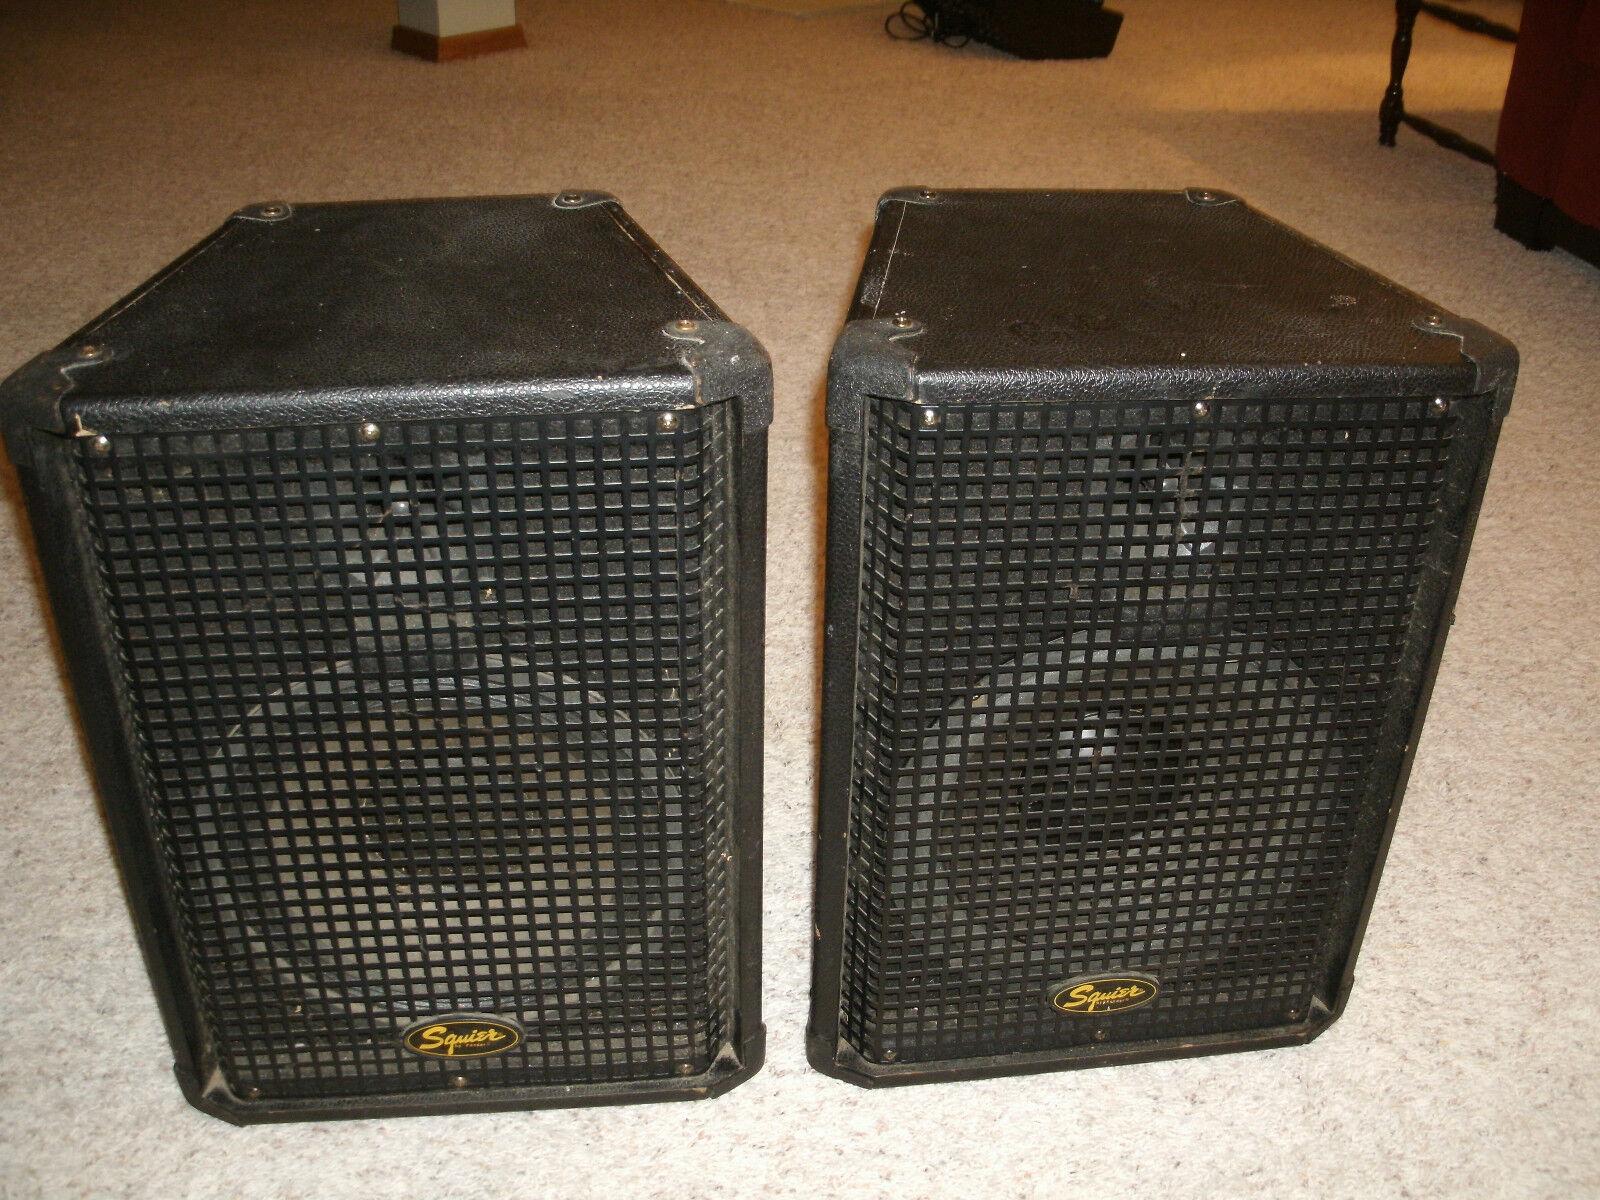 Squier by Fender Professional Speakers - Work Great